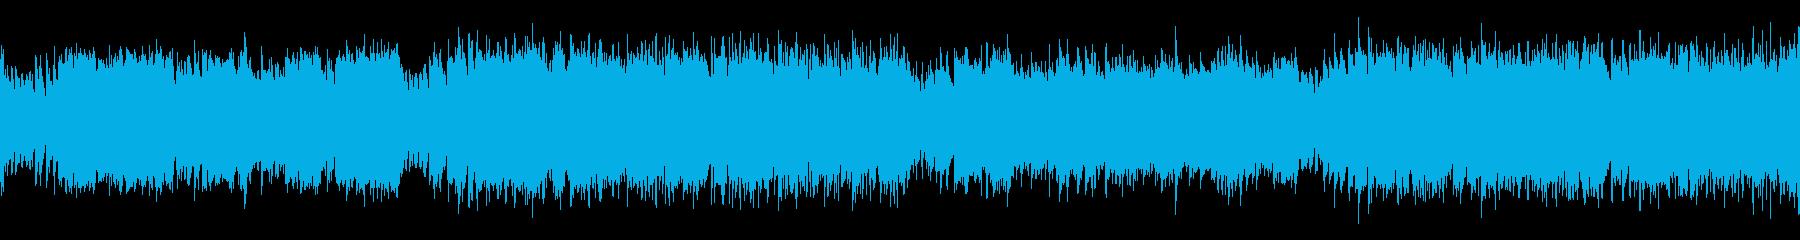 ループ・哀愁感漂うかっこいいフラメンコの再生済みの波形